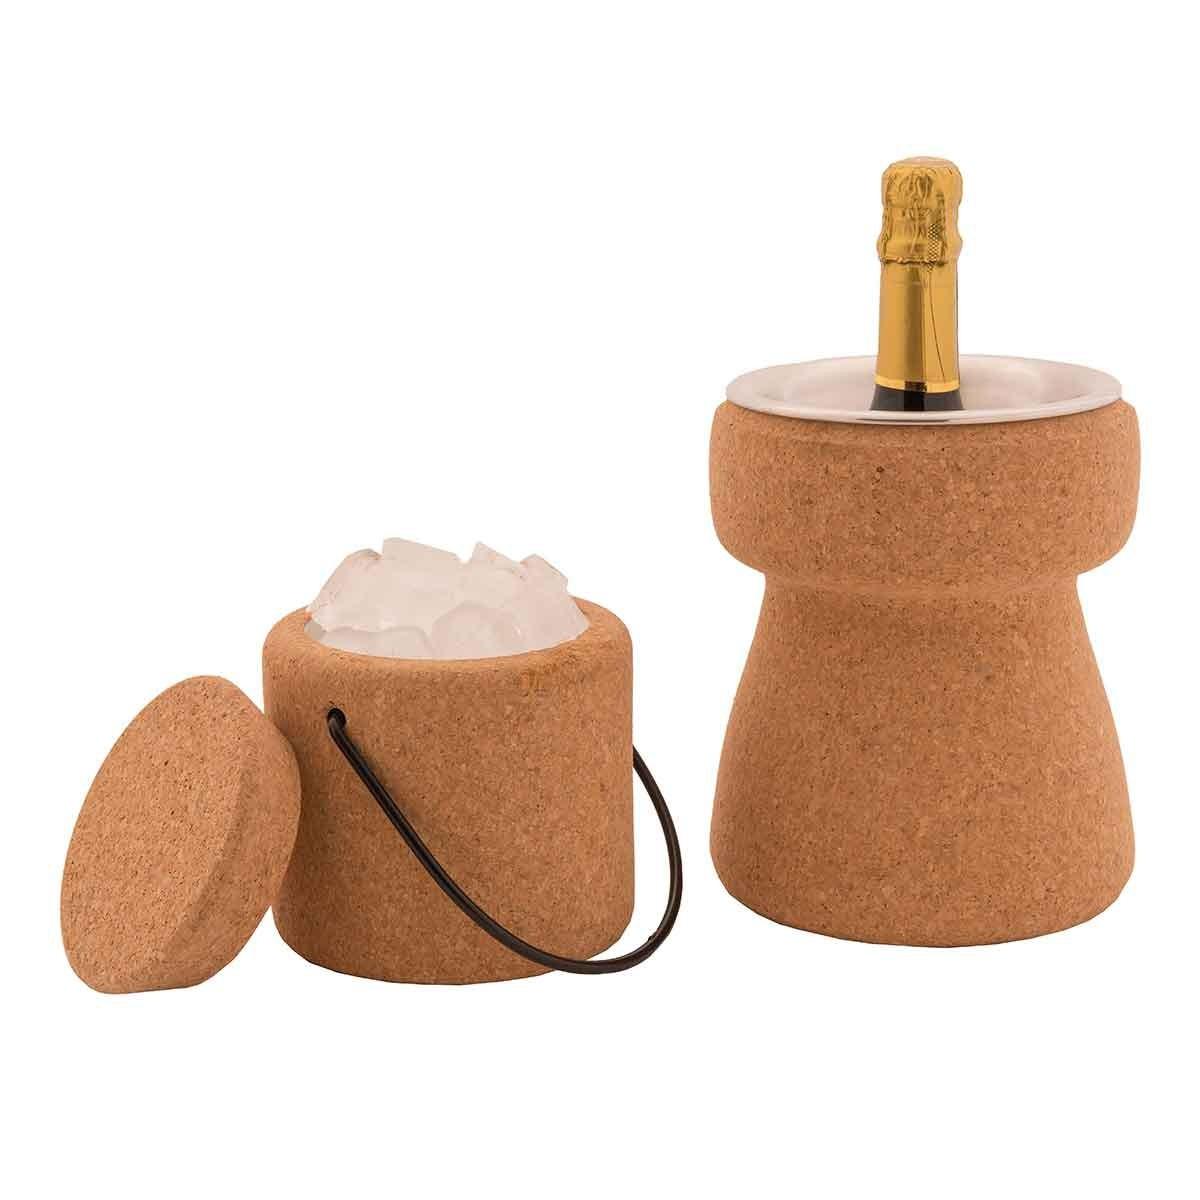 Secchiello ghiaccio oggetti e accessori tavola biosughero for Secchiello portaghiaccio